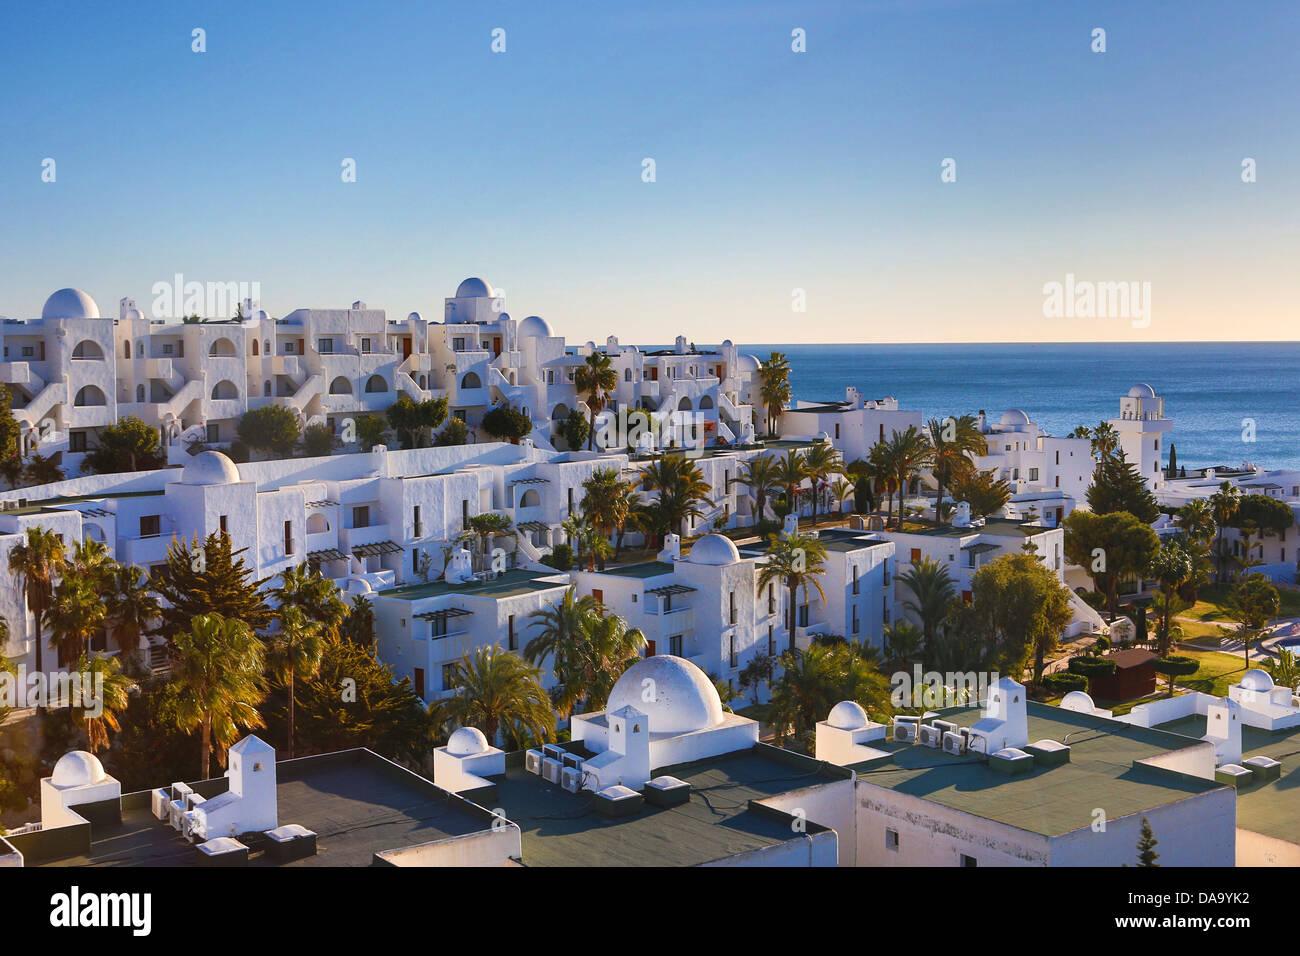 L'Espagne, l'Europe, l'Andalousie, plage, côte, de bâtiments, de la Méditerranée, Photo Stock